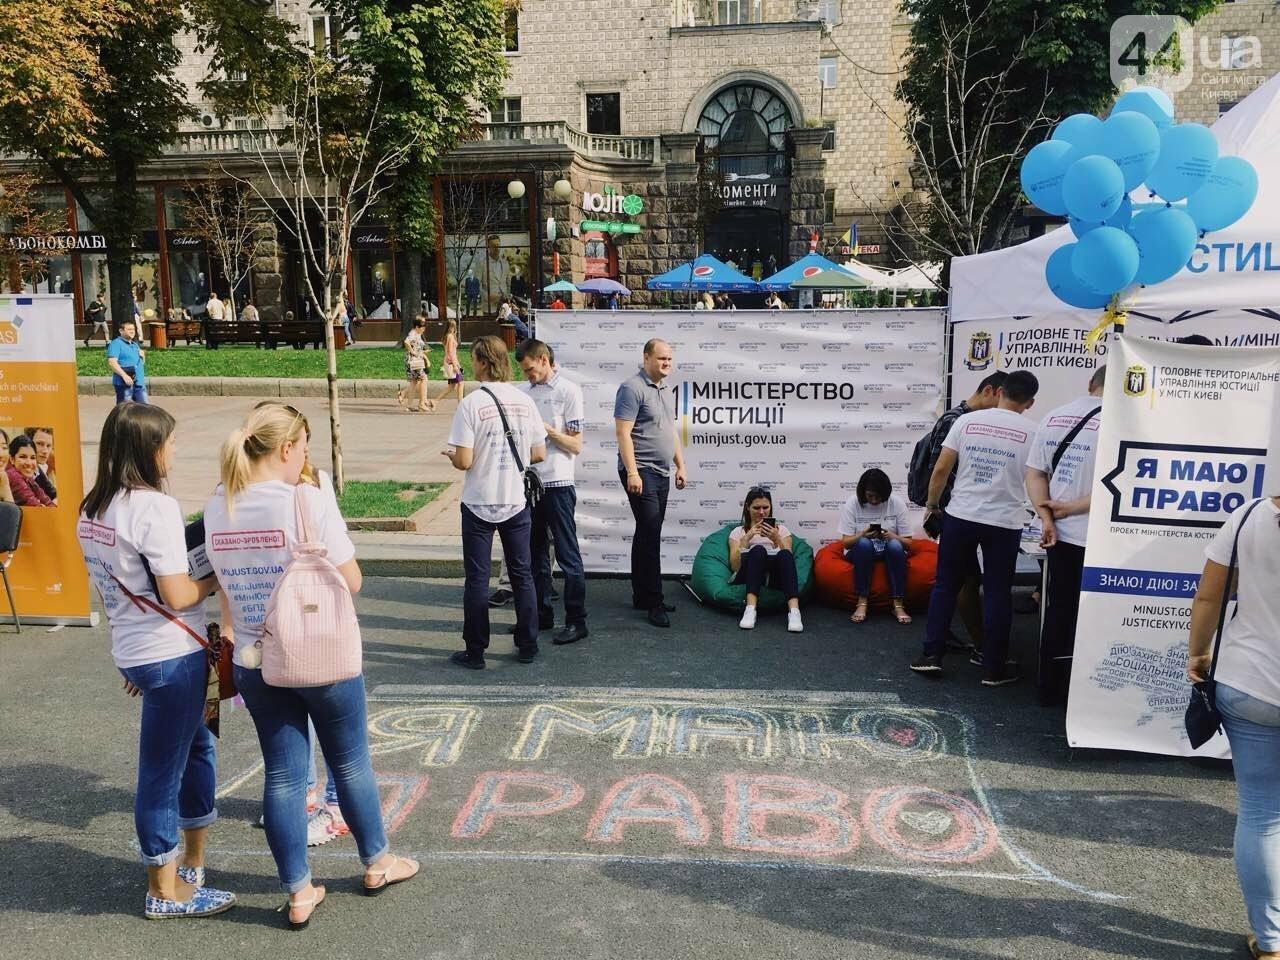 """Как на Крещатике прошел фестиваль """"Маркет языков"""", - ФОТООТЧЕТ, фото-25"""